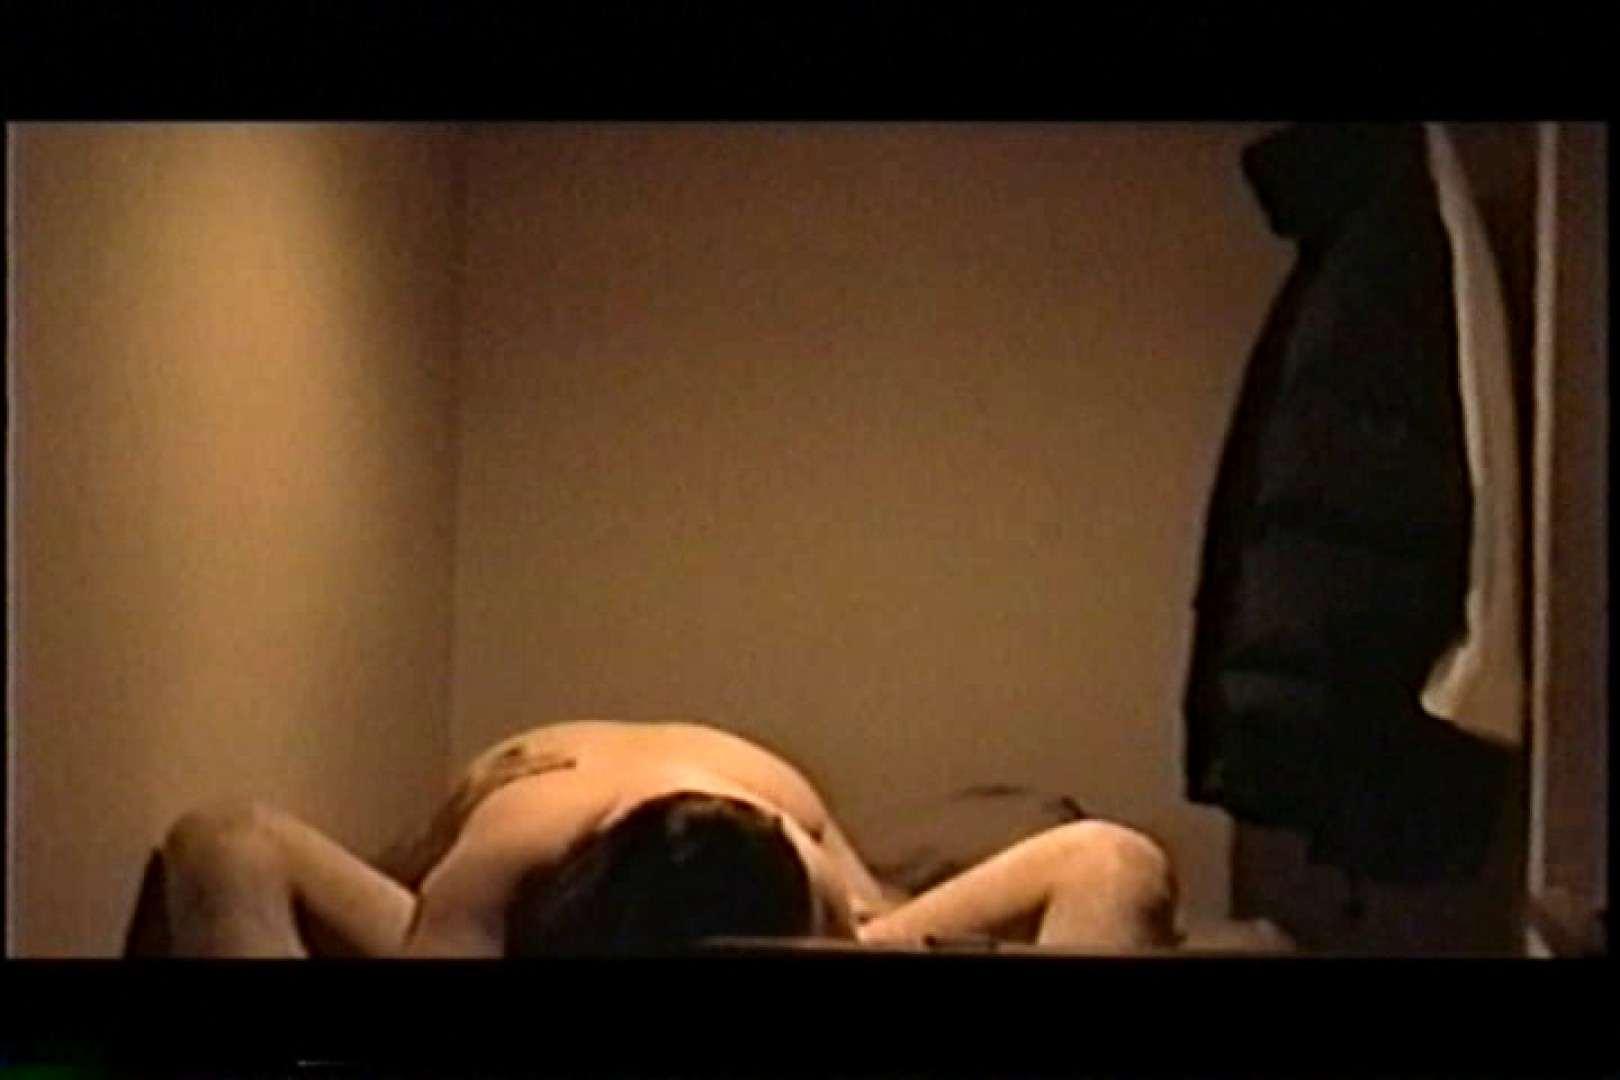 デリ嬢マル秘撮り本物投稿版② オマンコ   マンコがいっぱい  95pic 37